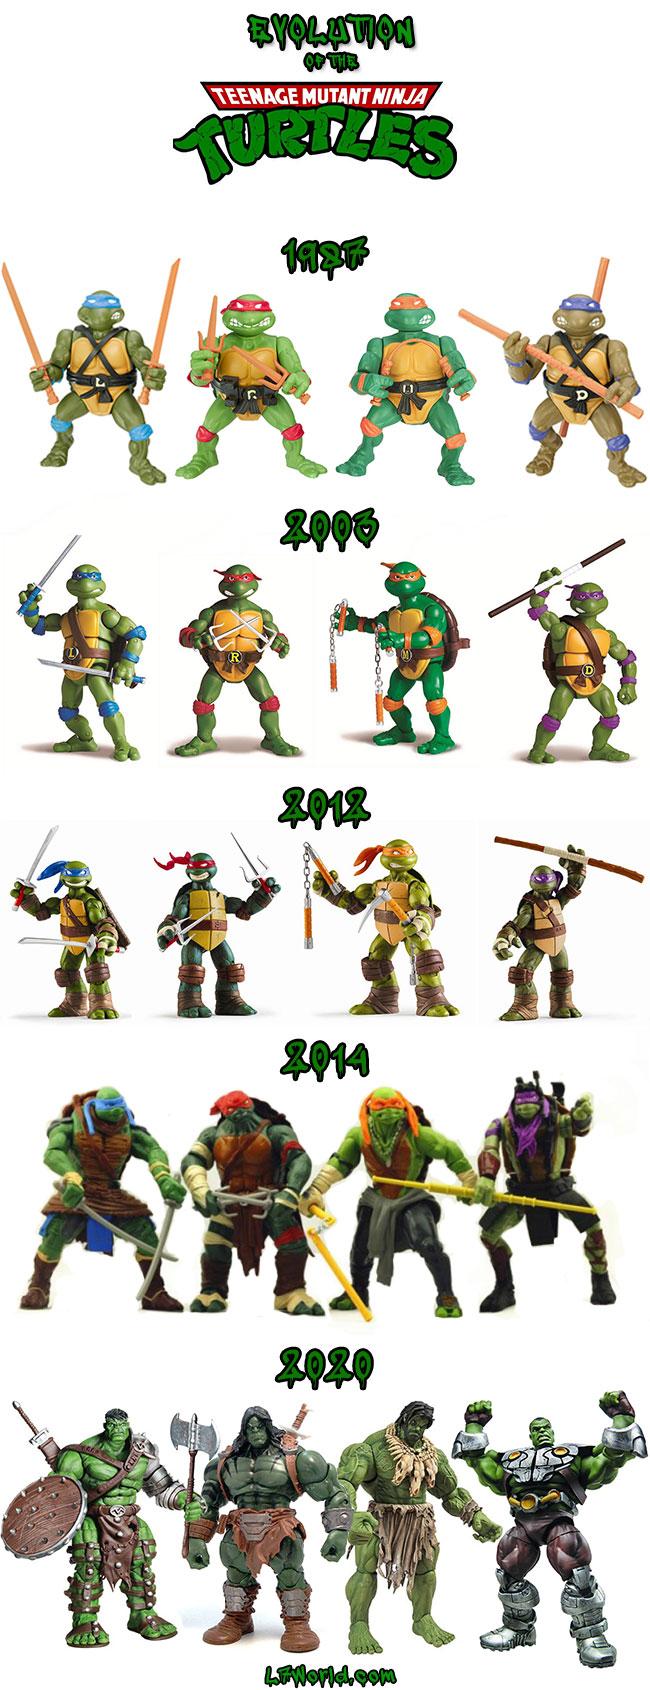 Teenage Mutant Ninja Turtles movie toys 2014